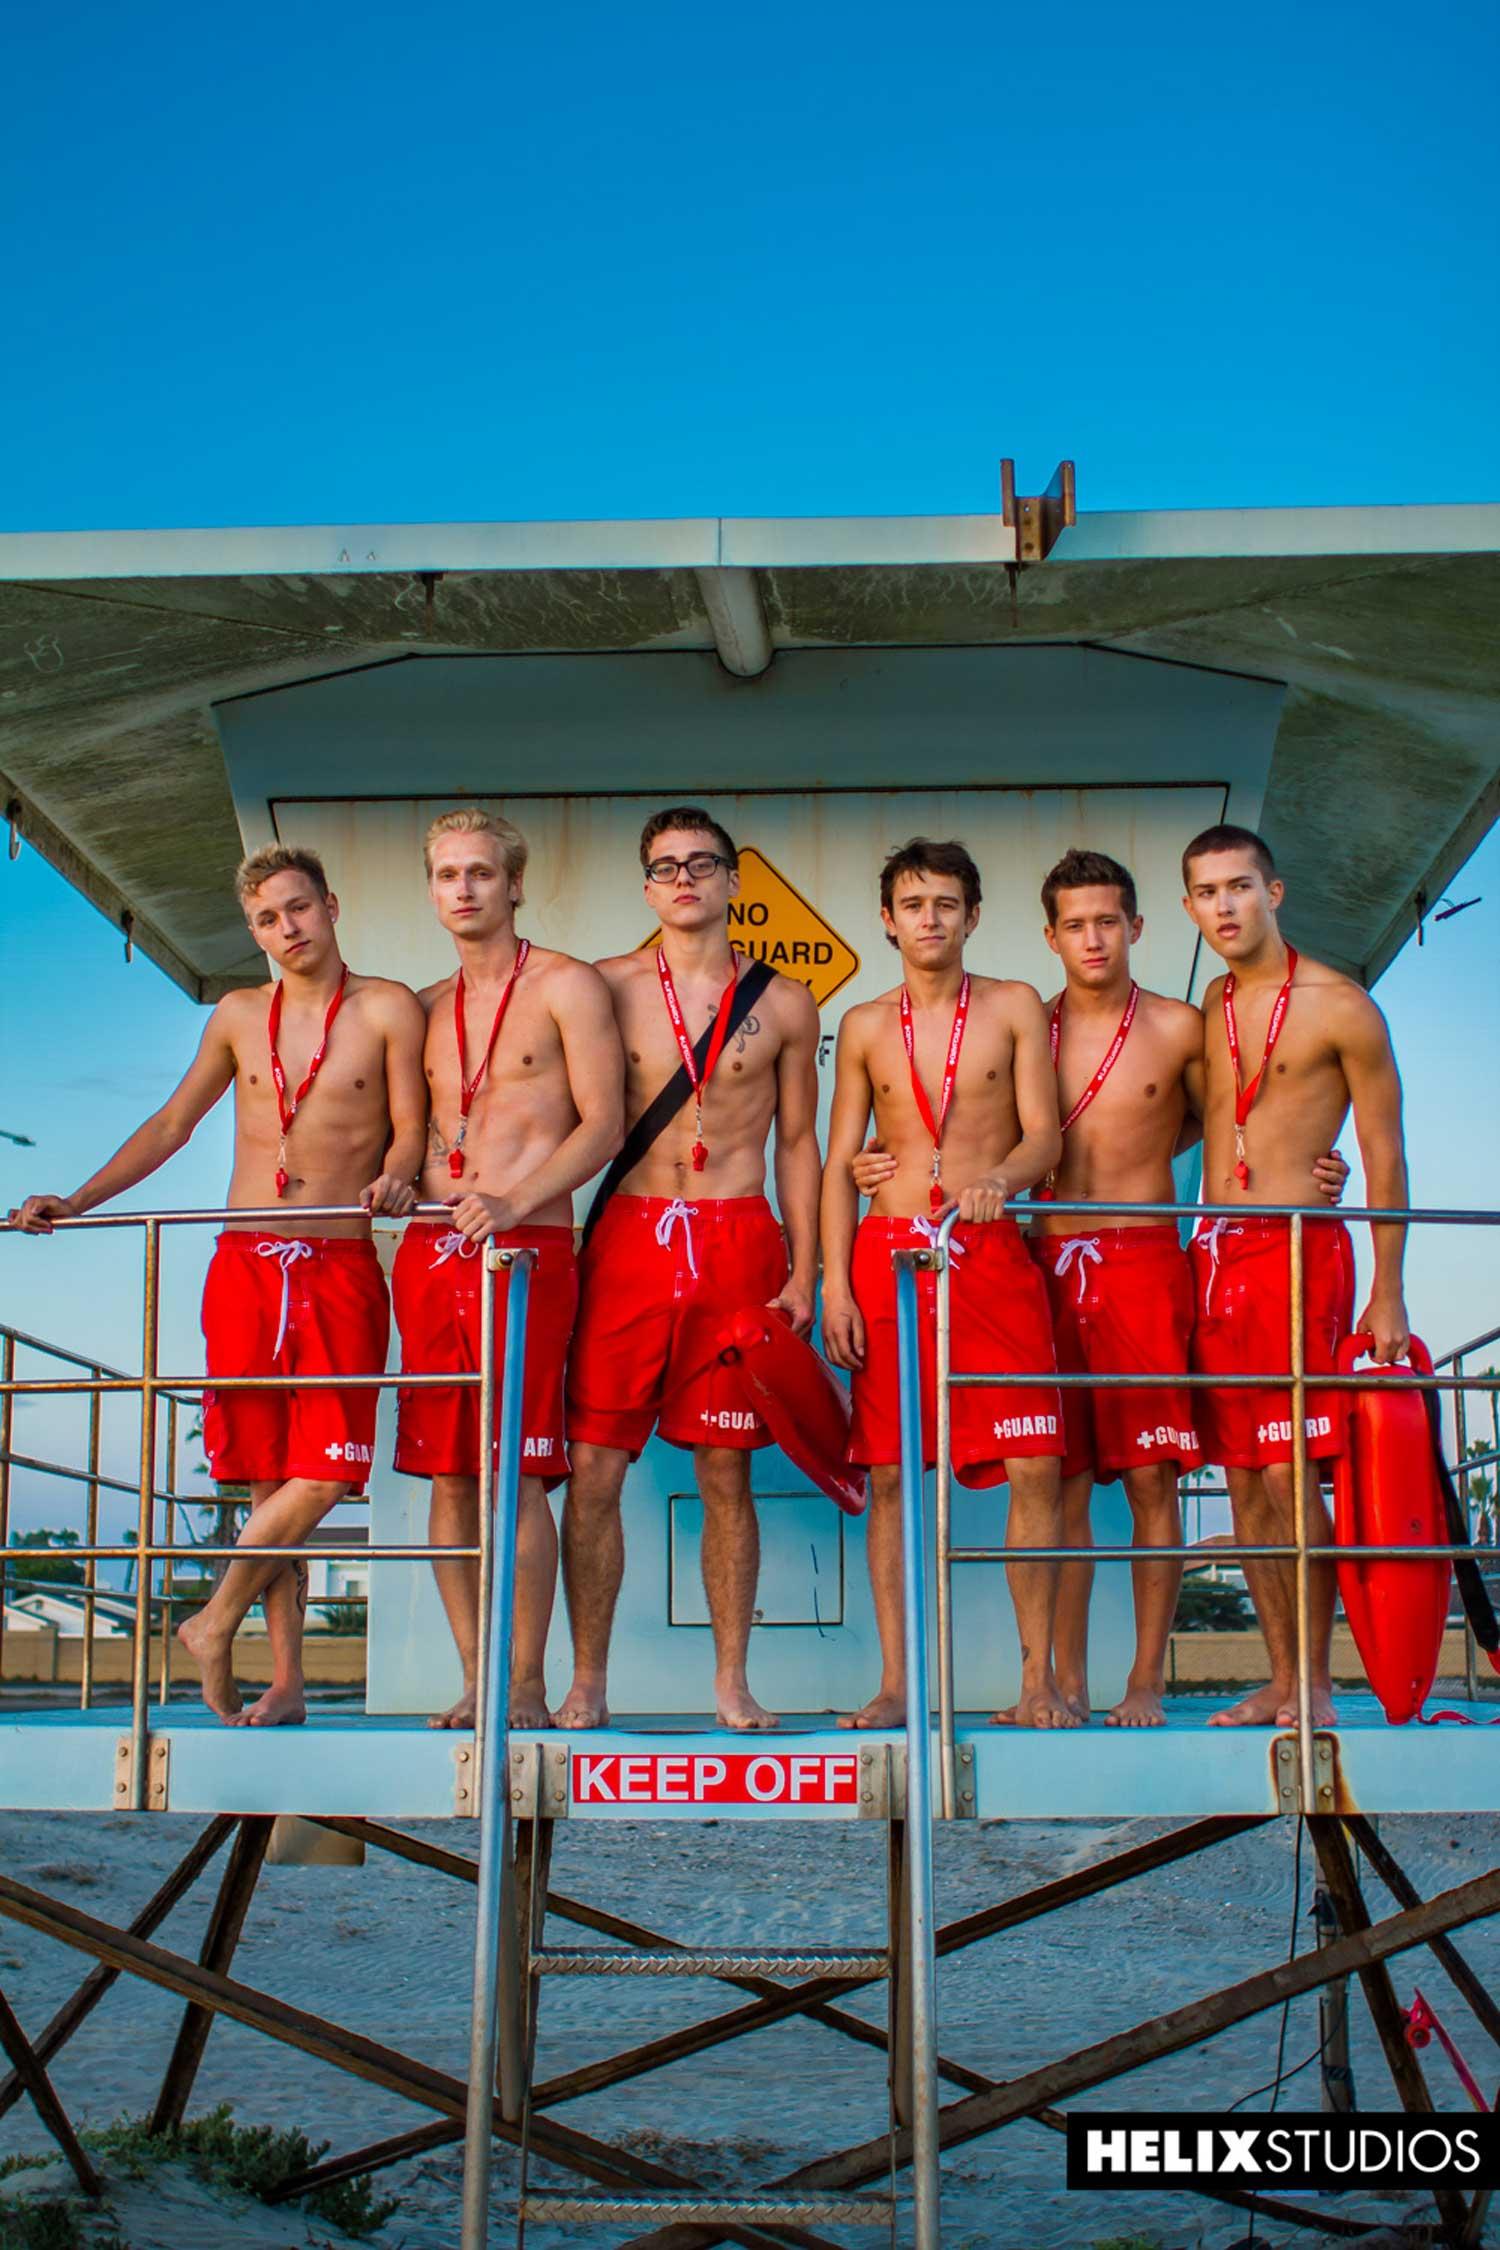 Bisex lifeguard